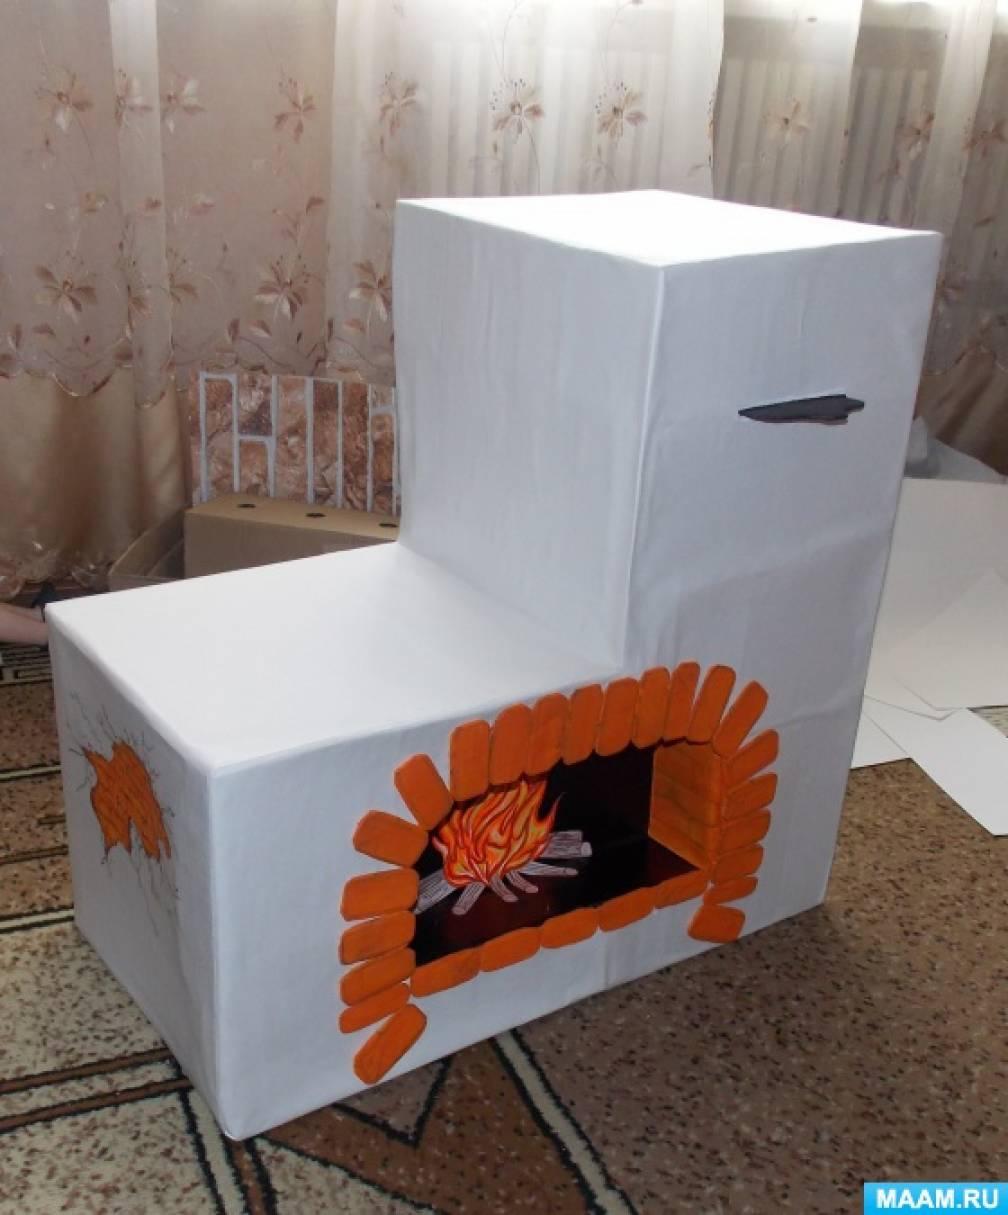 Печка из картона своими руками для детского сада 10